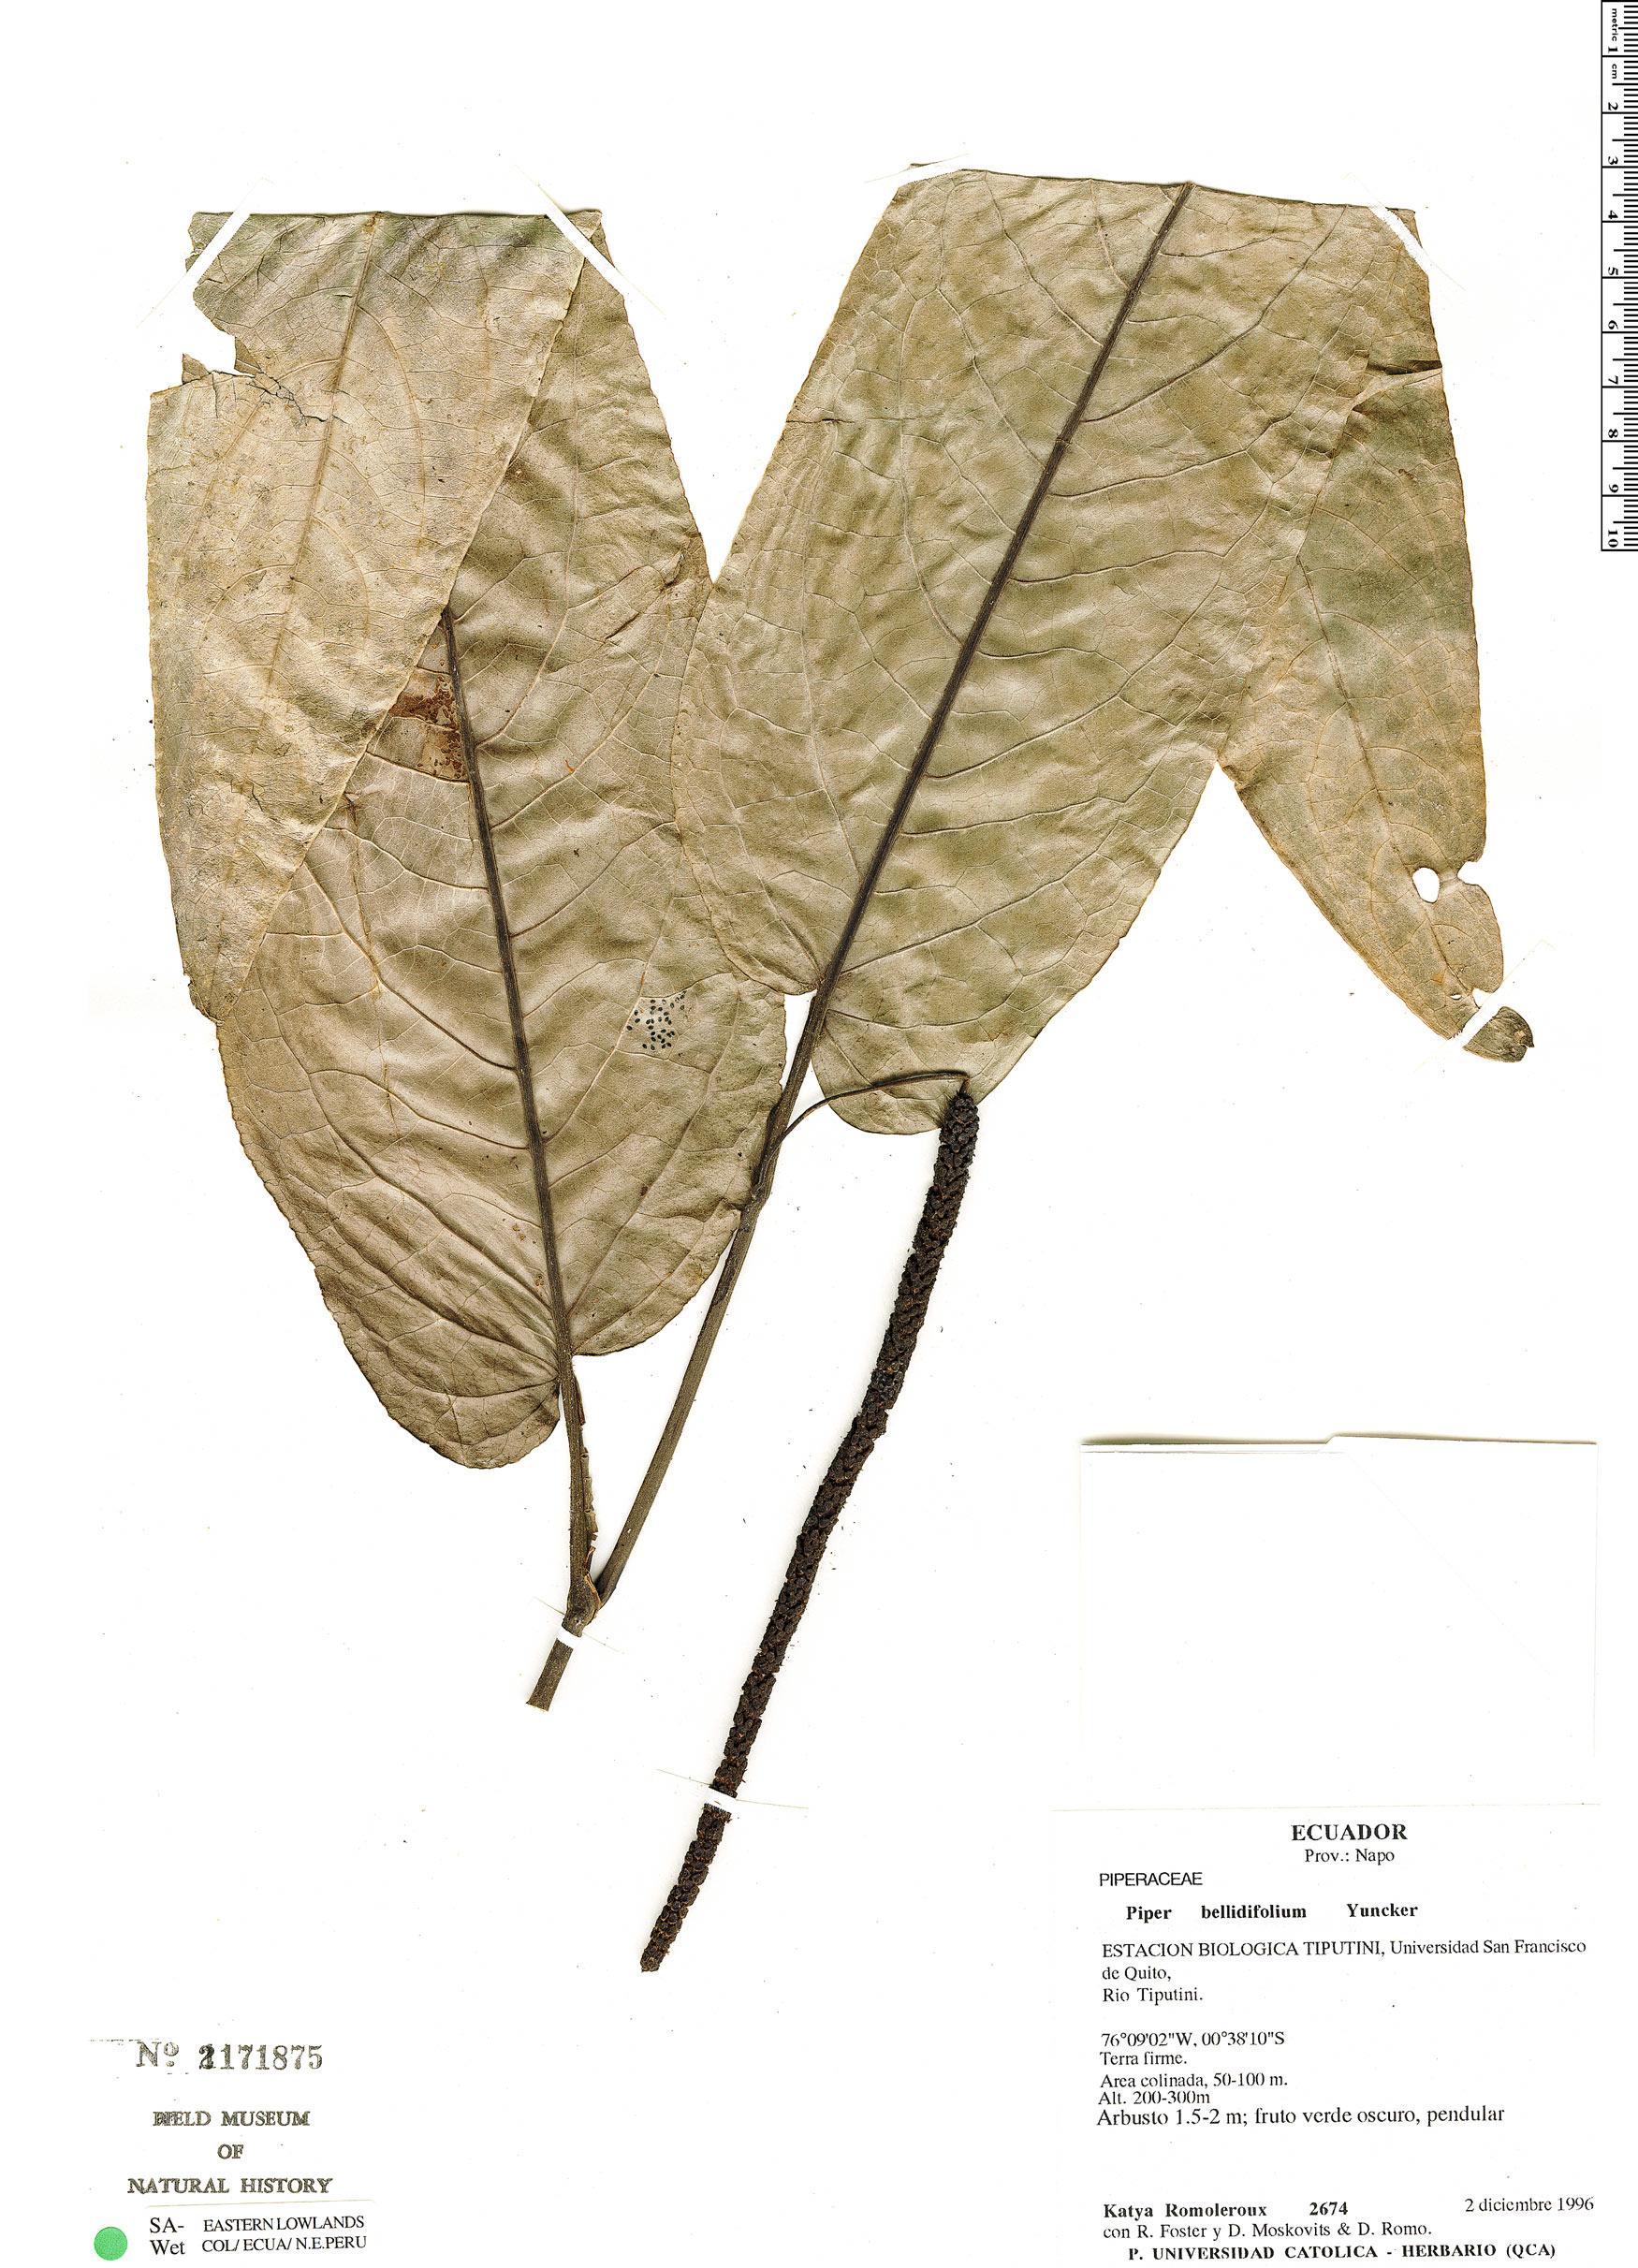 Specimen: Piper bellidifolium